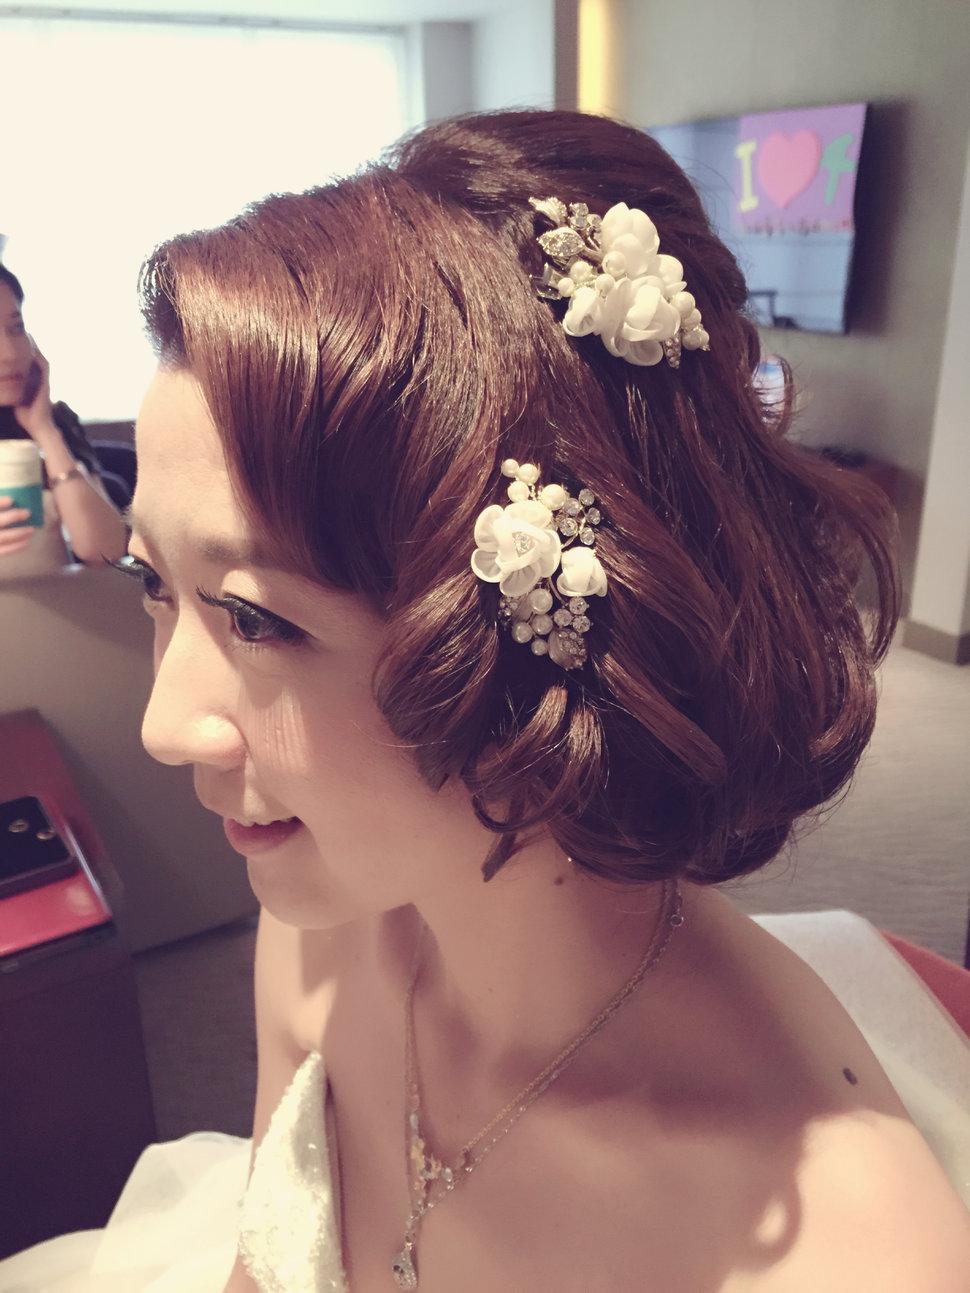 D44A3EEE-E8CE-4434-8146-315A7F801572 - Jojo chen Makeup新娘秘書《結婚吧》